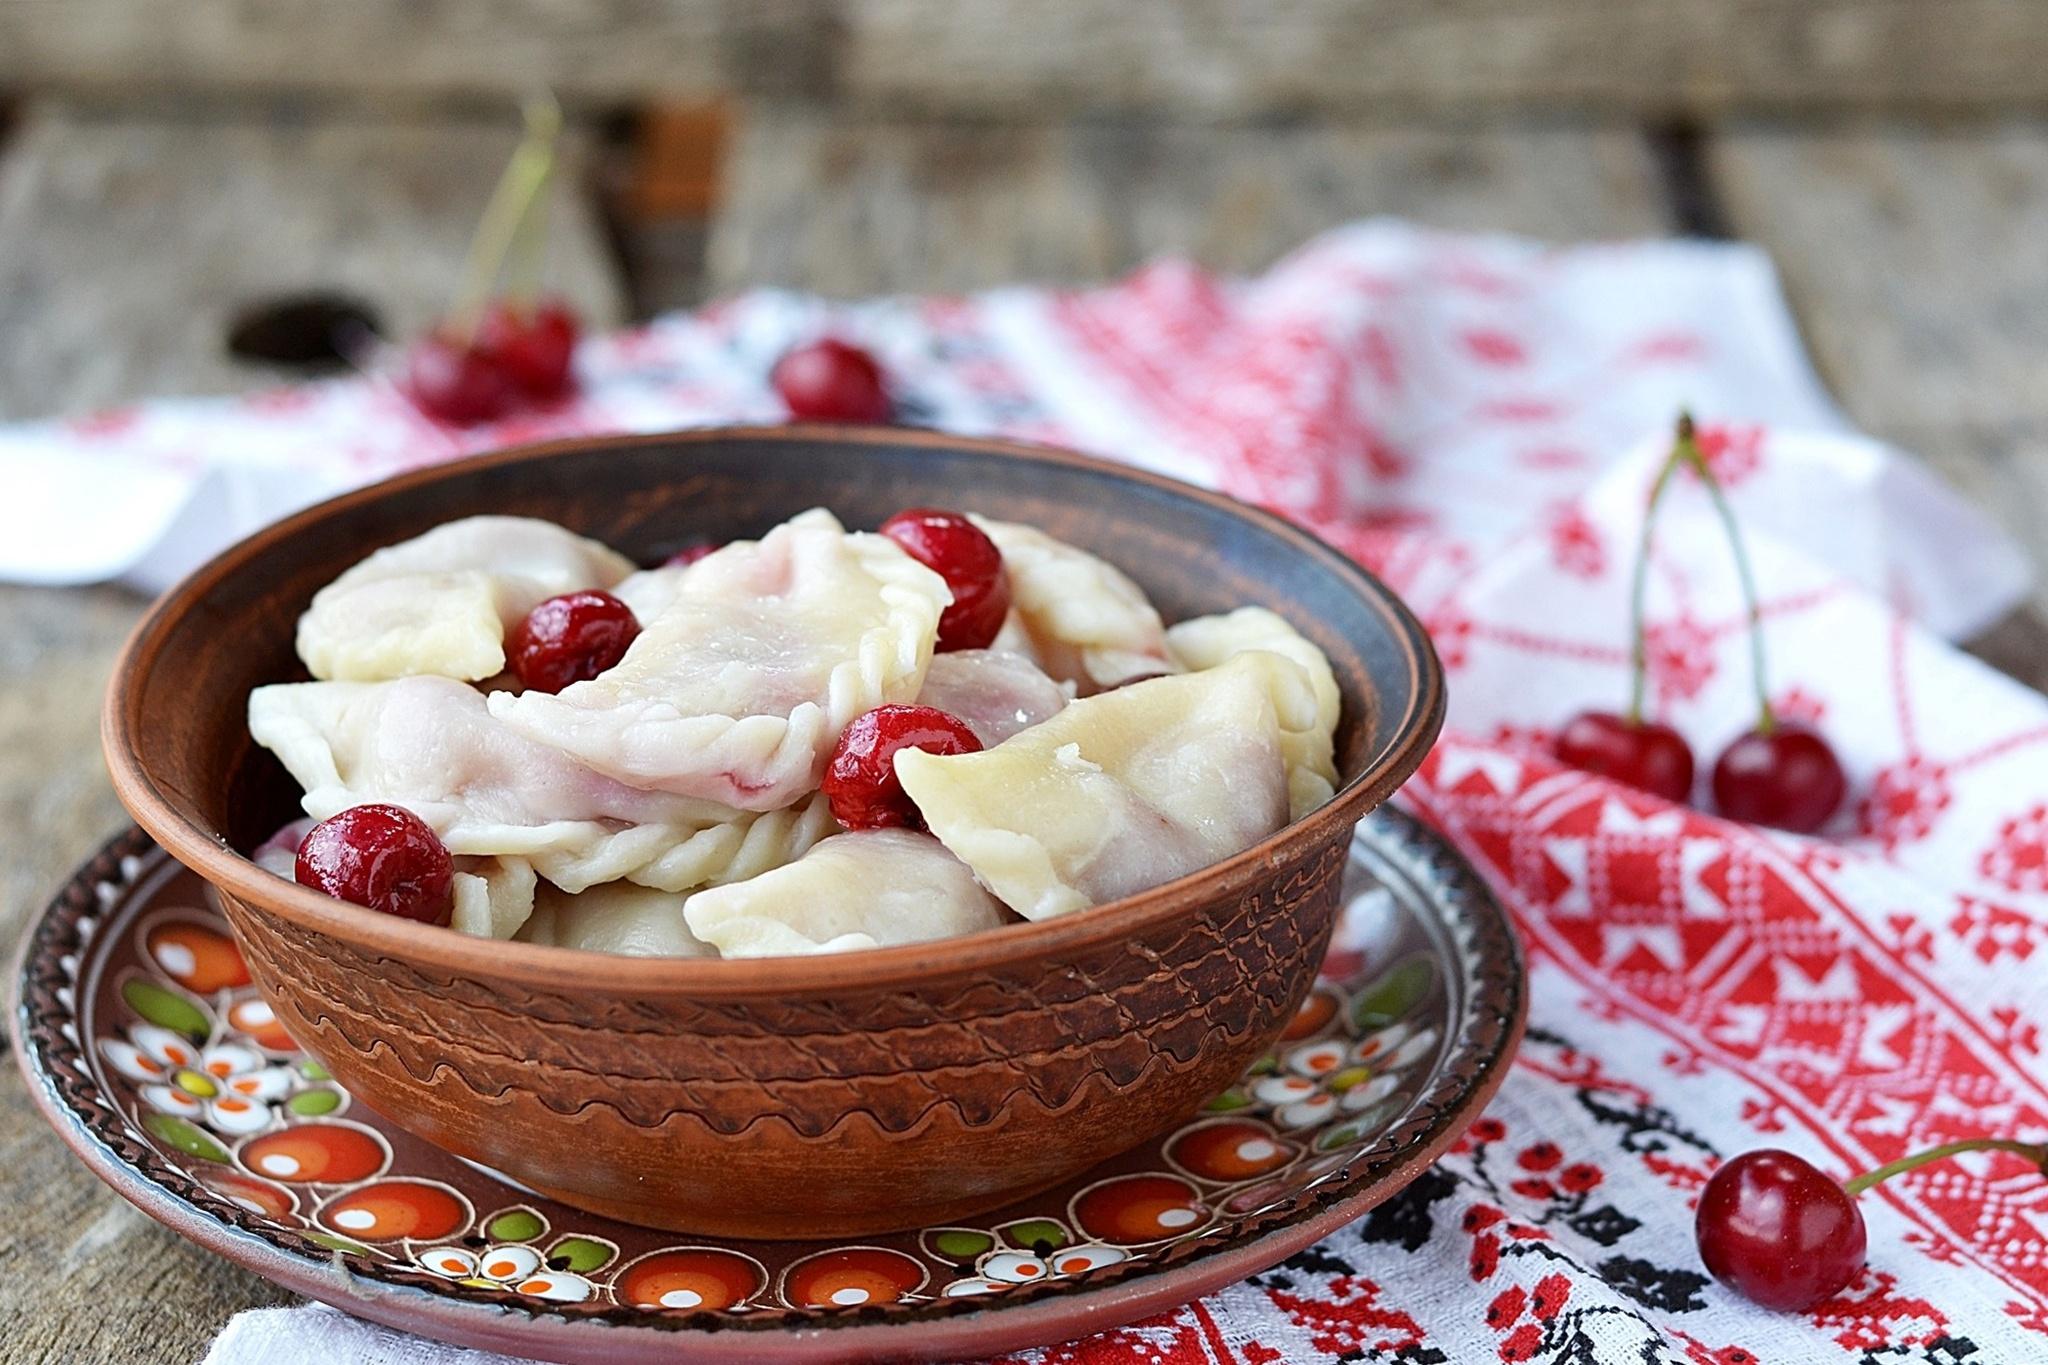 Блюда украинской кухни в картинках